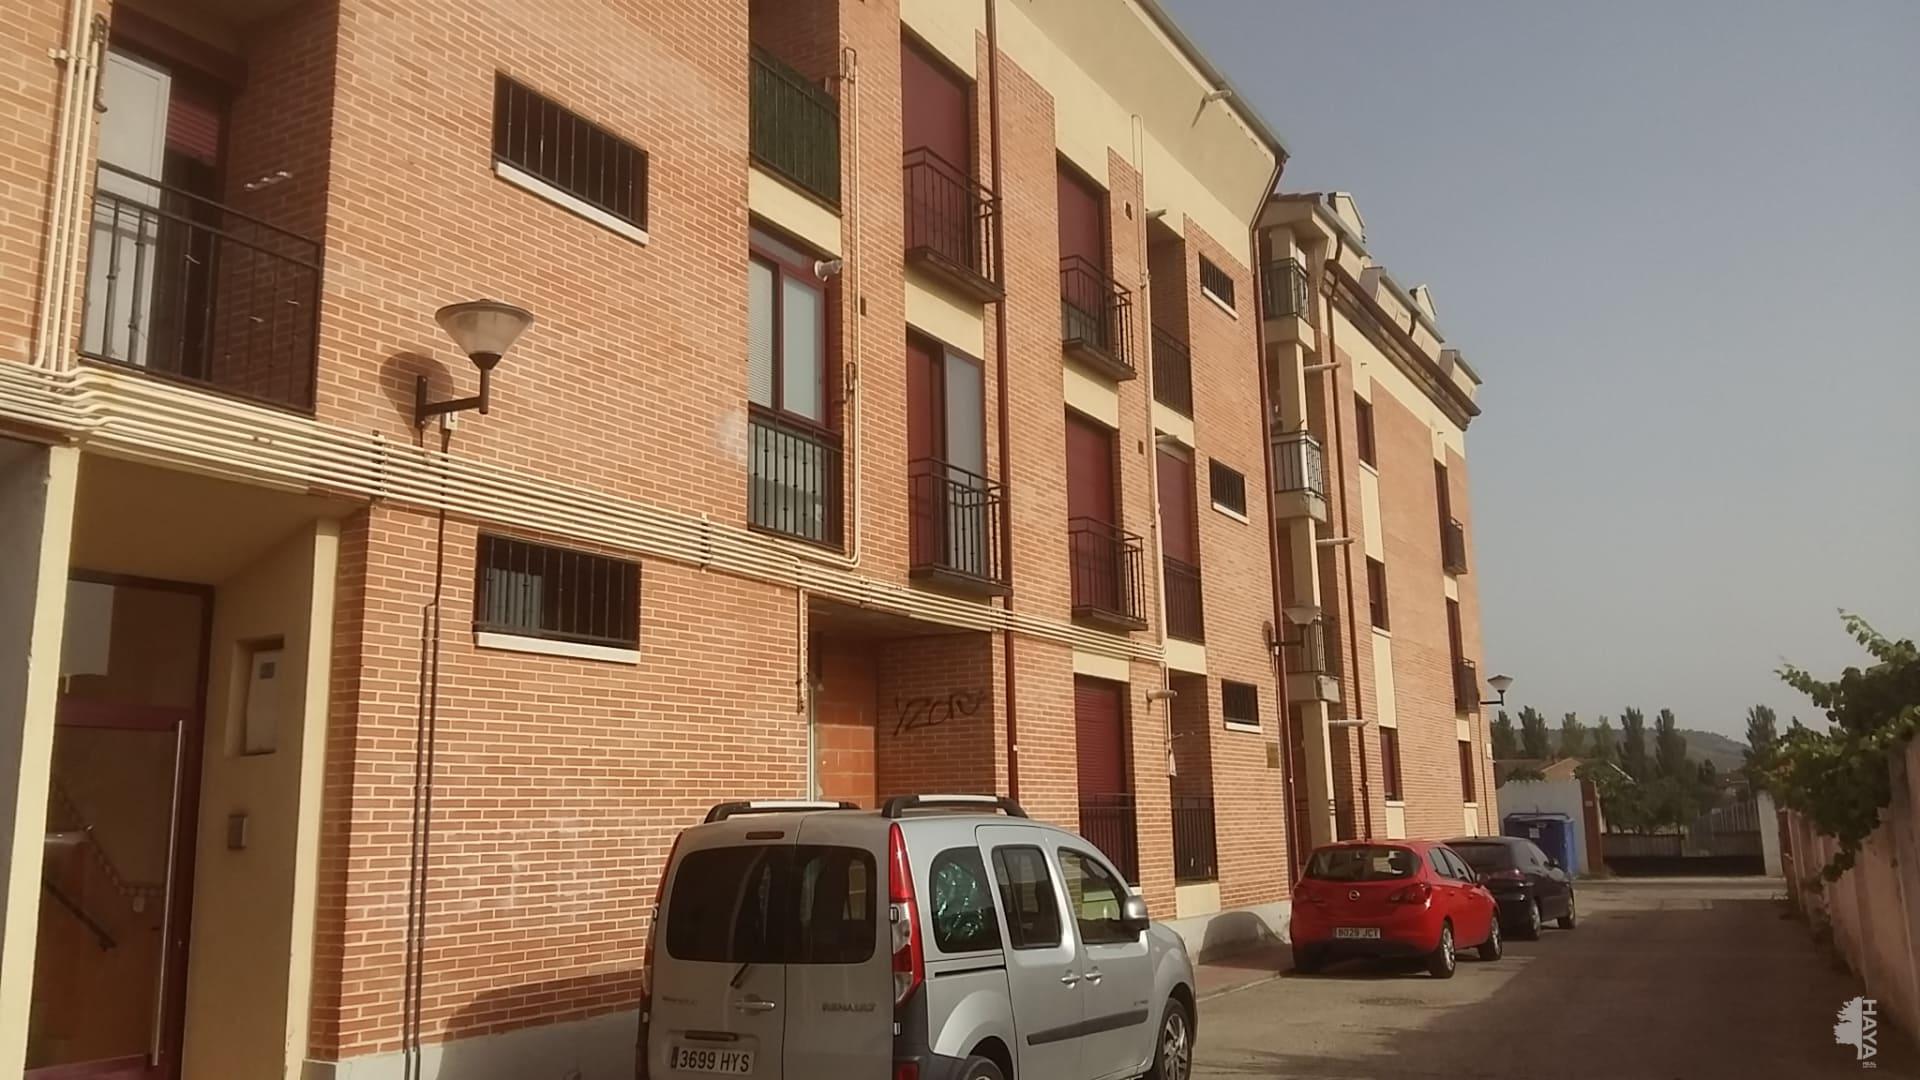 Piso en venta en Tudela de Duero, Valladolid, Calle Enrique Granados, 76.579 €, 3 habitaciones, 8 baños, 100 m2